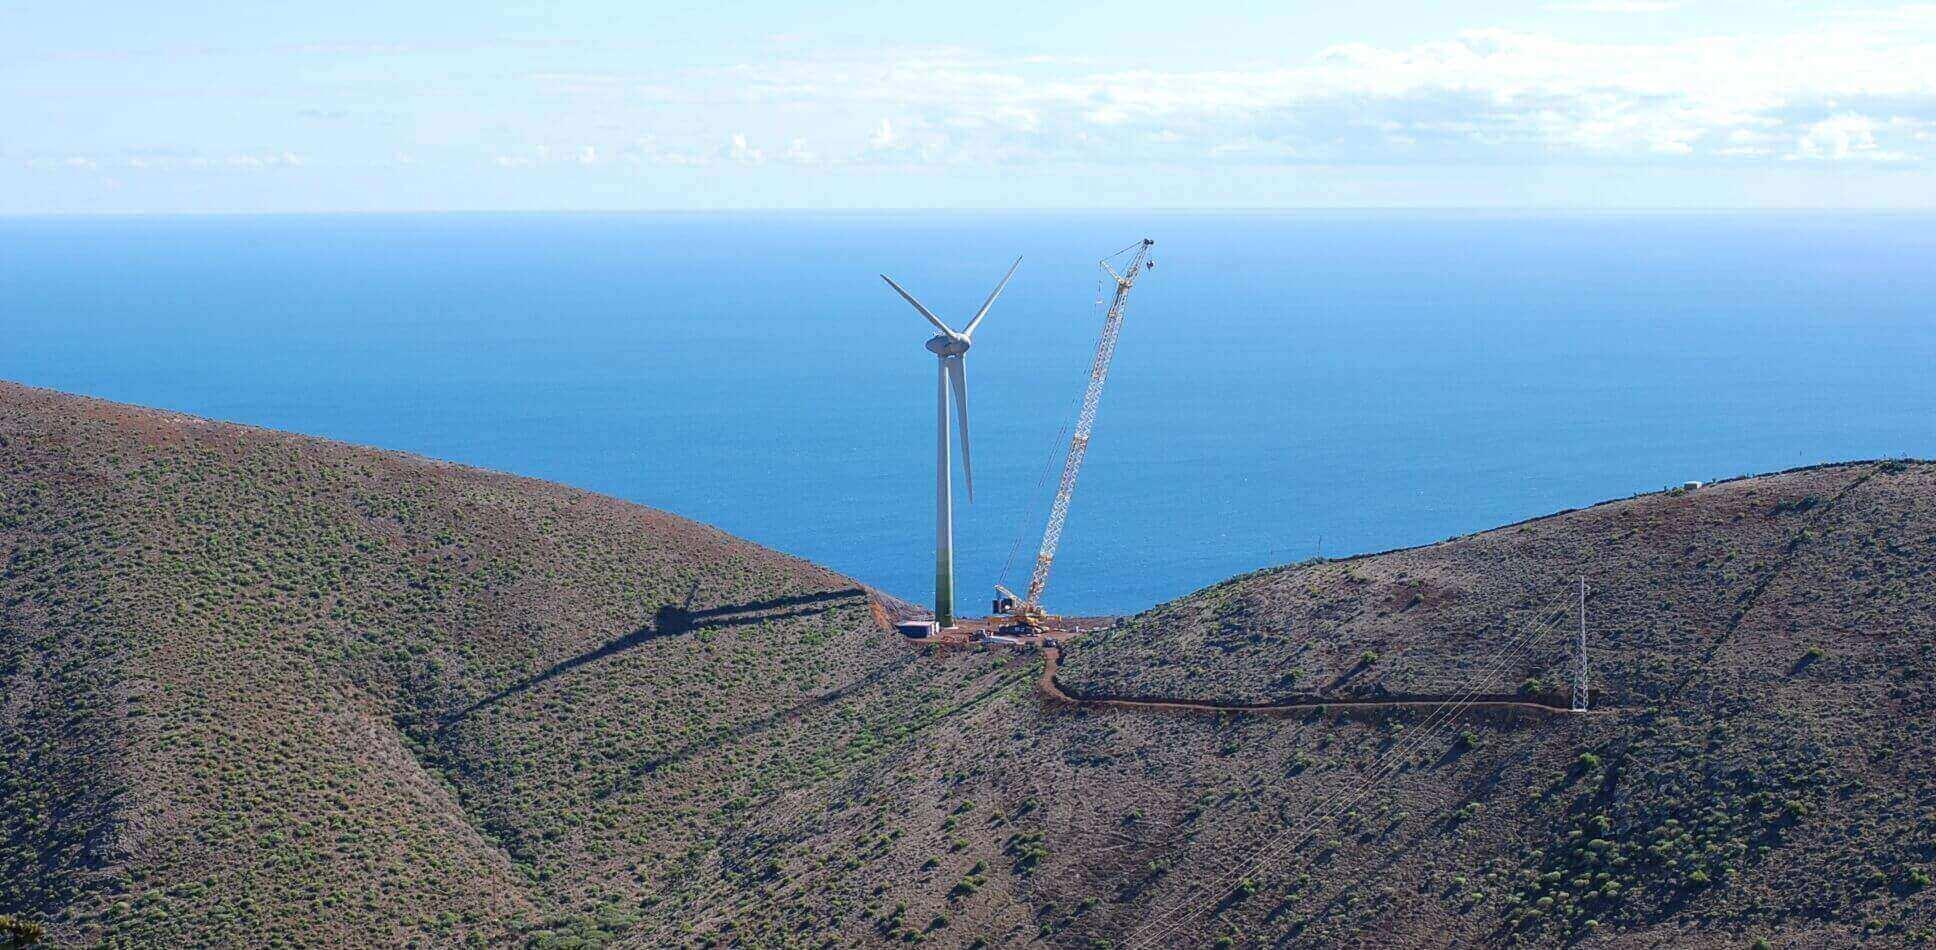 Energia Eolica nelle Isole Canarie: Situazione Attuale e Previsioni Future